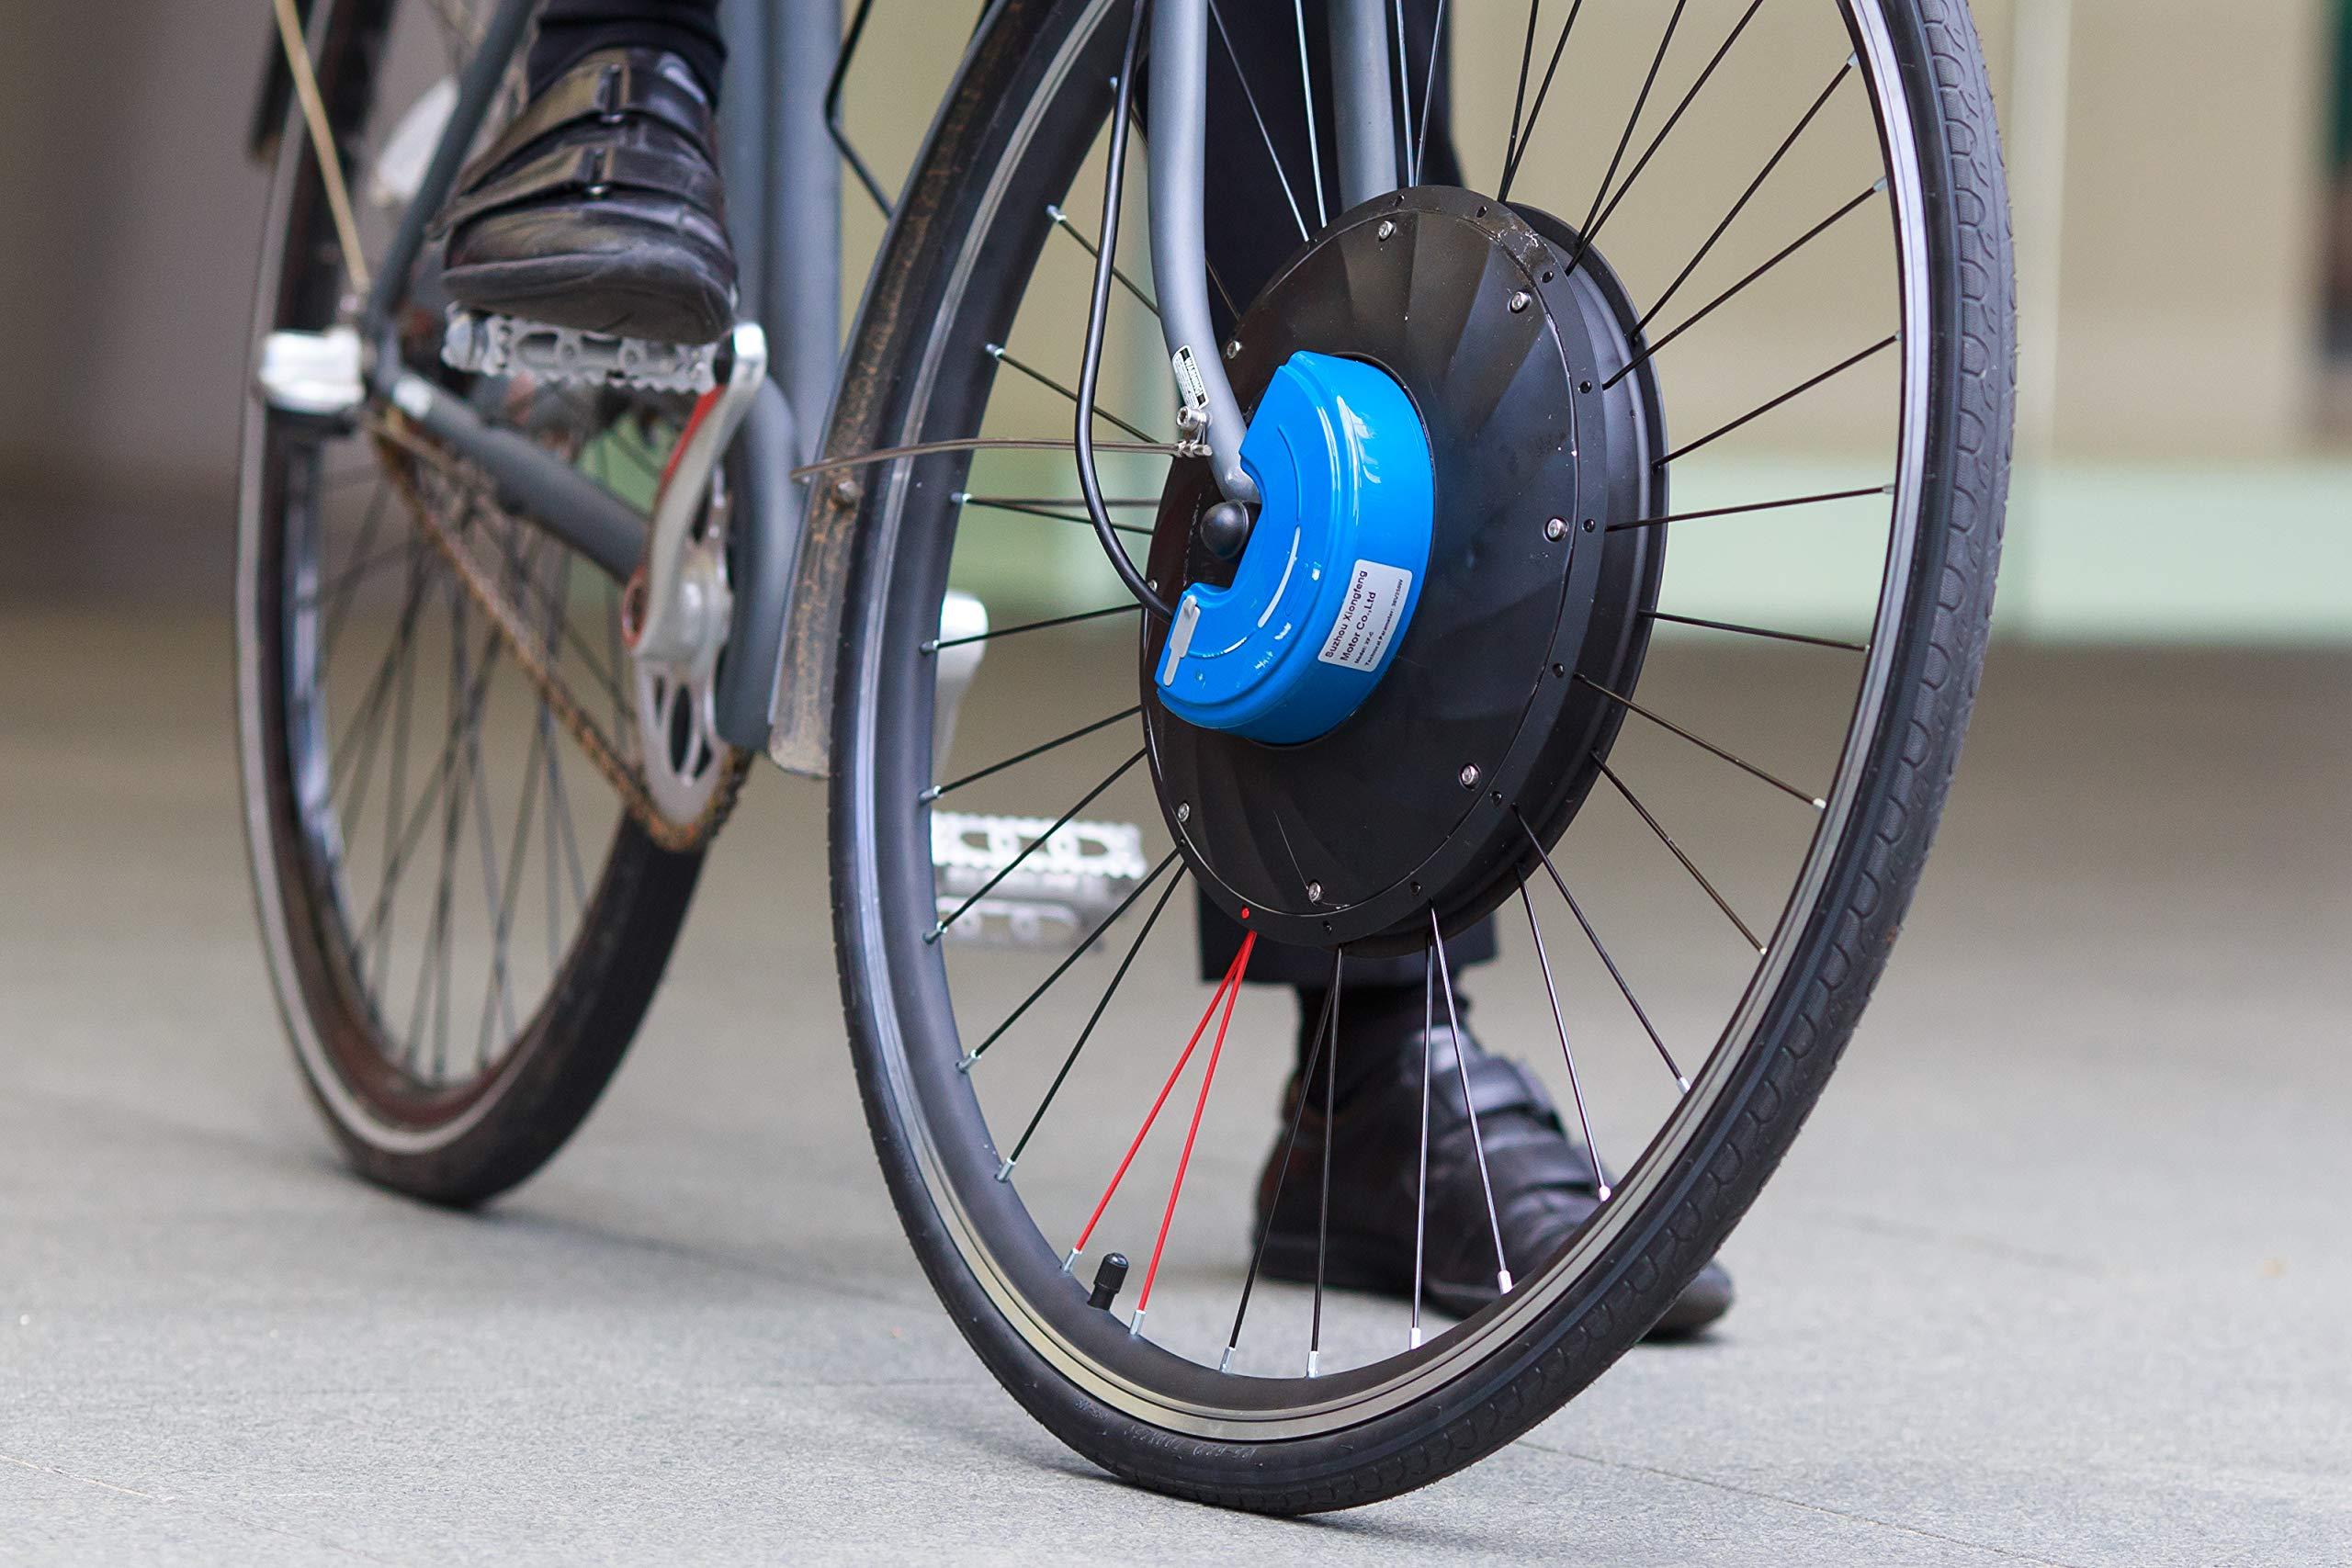 UrbanX Rueda de Bicicleta eléctrica – conocida por Kickstarter – Rueda de Bicicleta de montaña de 26 Pulgadas: Amazon.es: Deportes y aire libre